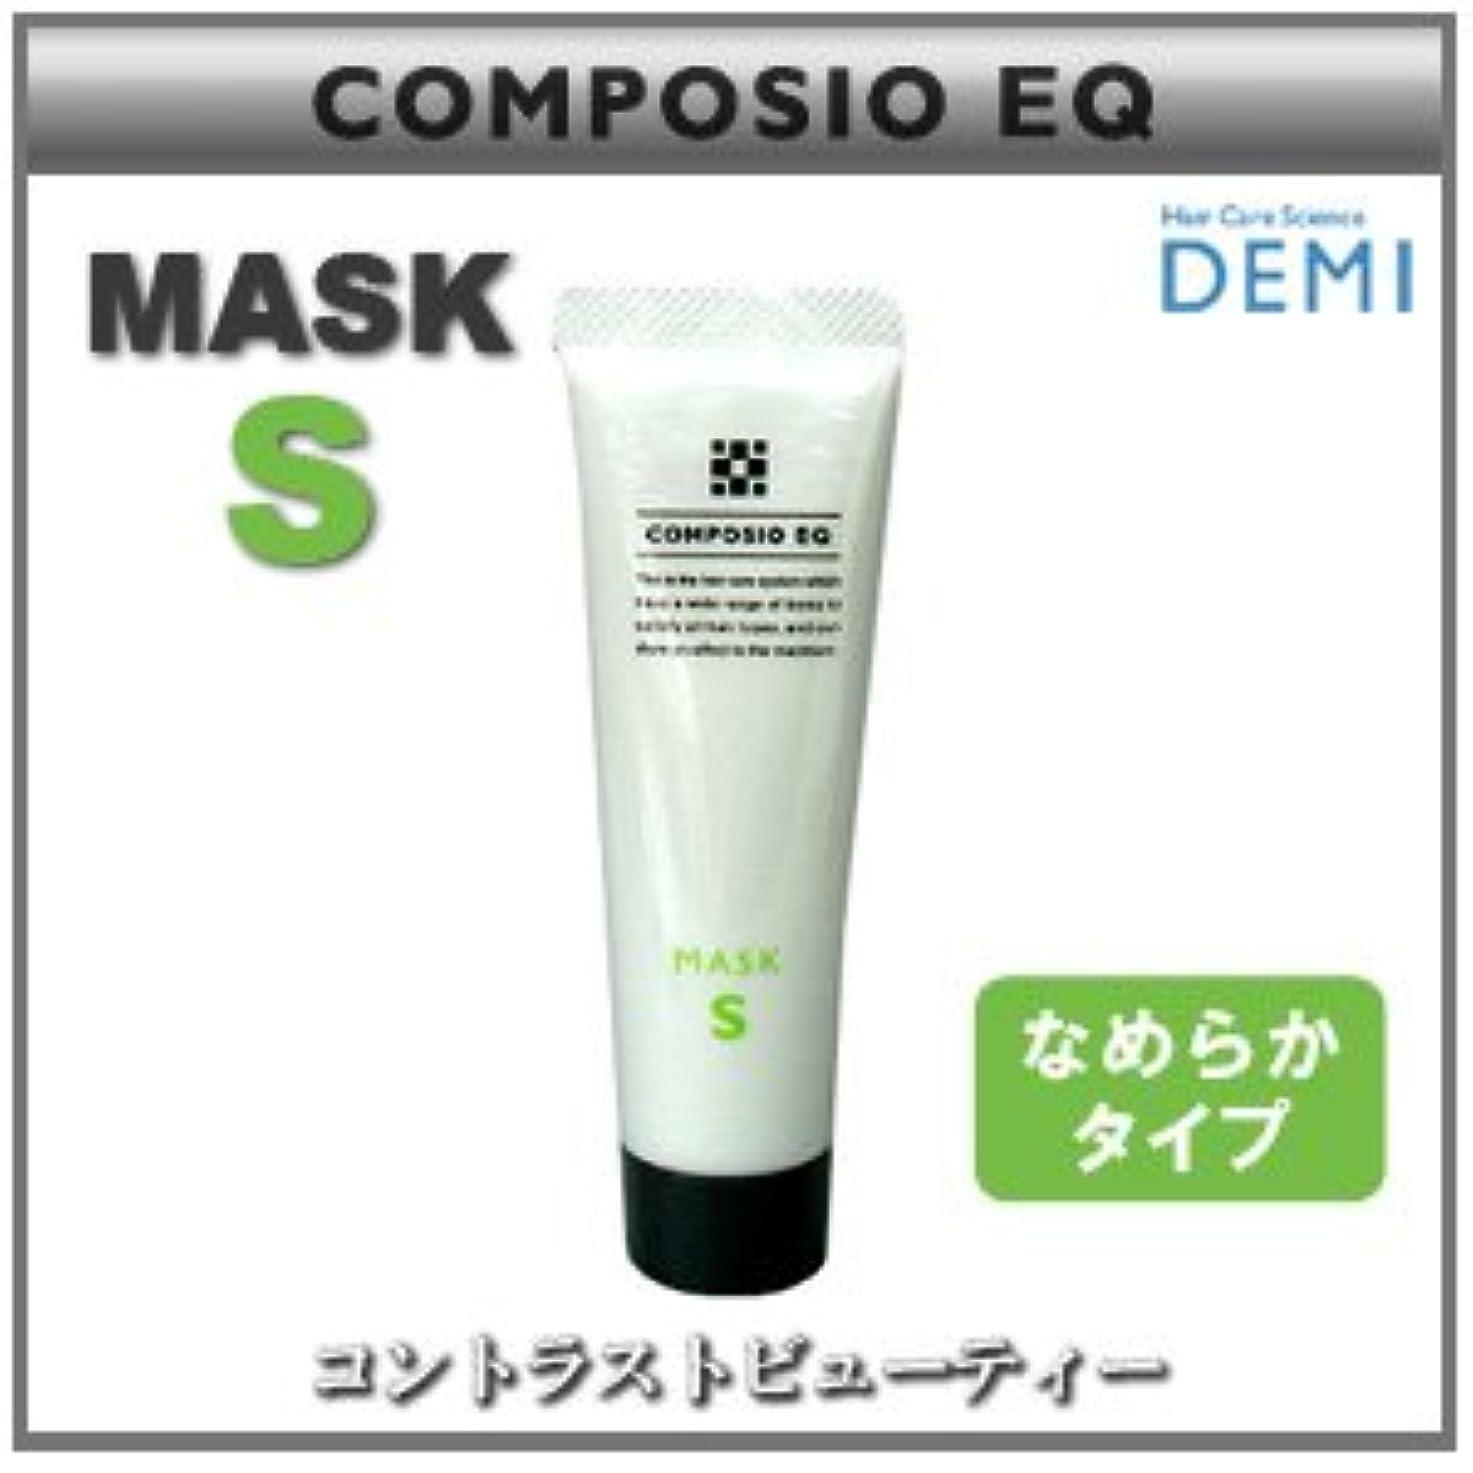 恐ろしい封建モンキー【X2個セット】 デミ コンポジオ EQ マスク S 50g